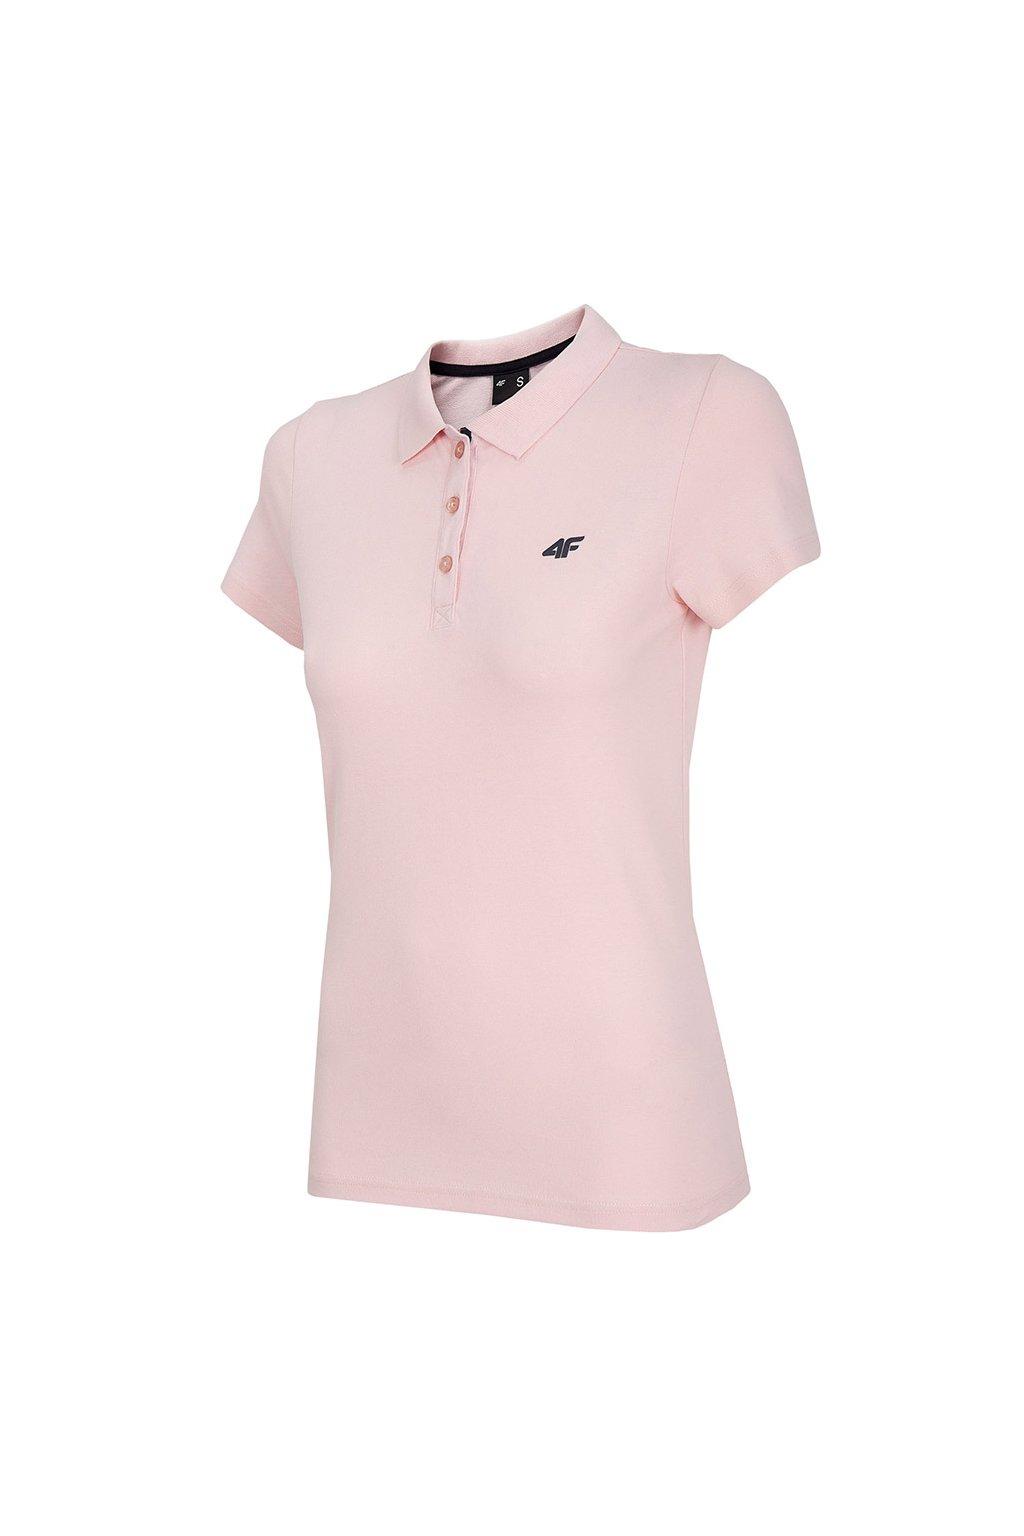 Dámske tričko 4F ružové NOSH4 TSD007 56S